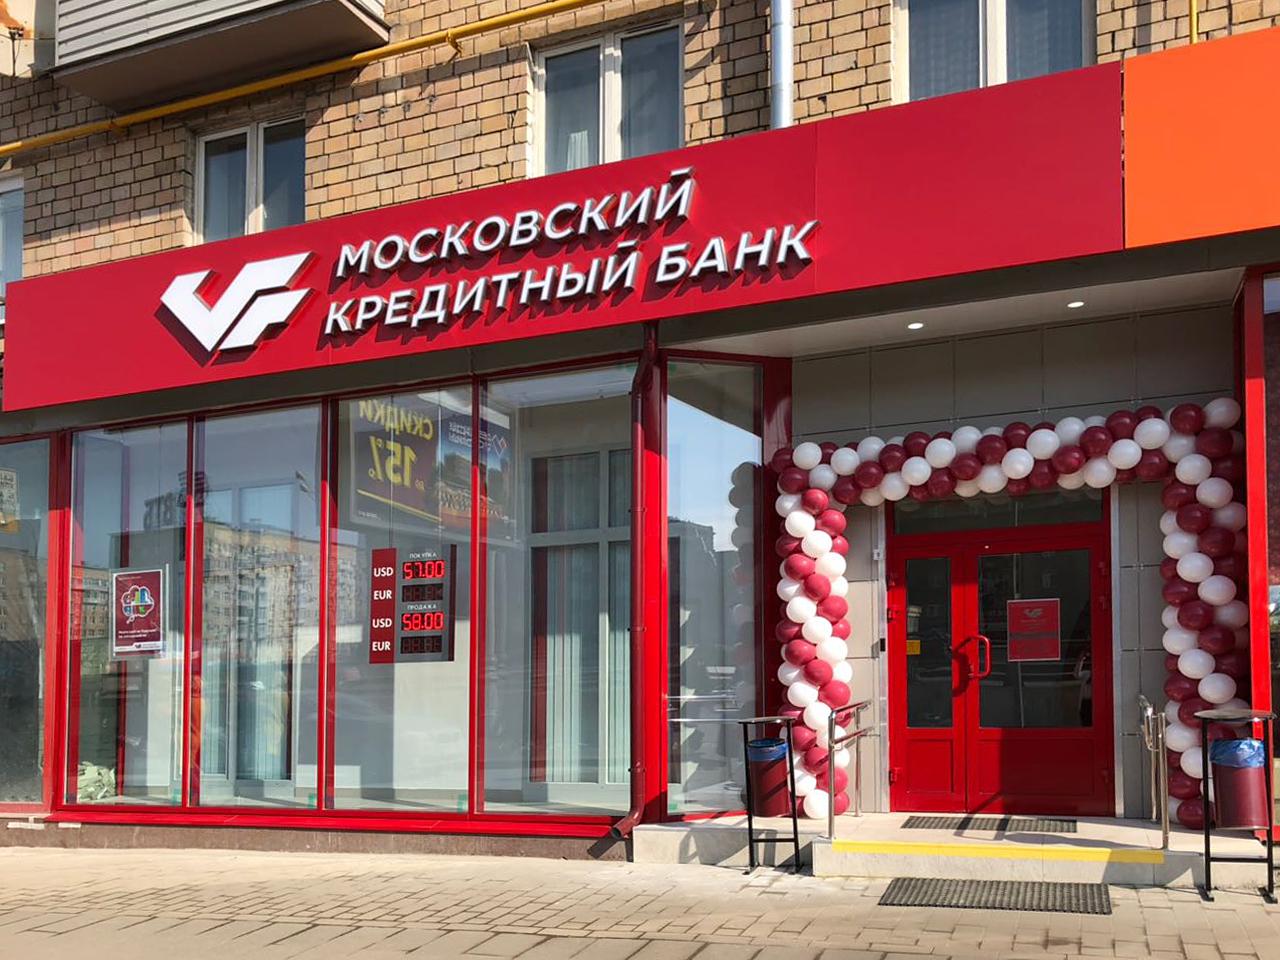 московский кредитный банк адреса банкоматов в москве